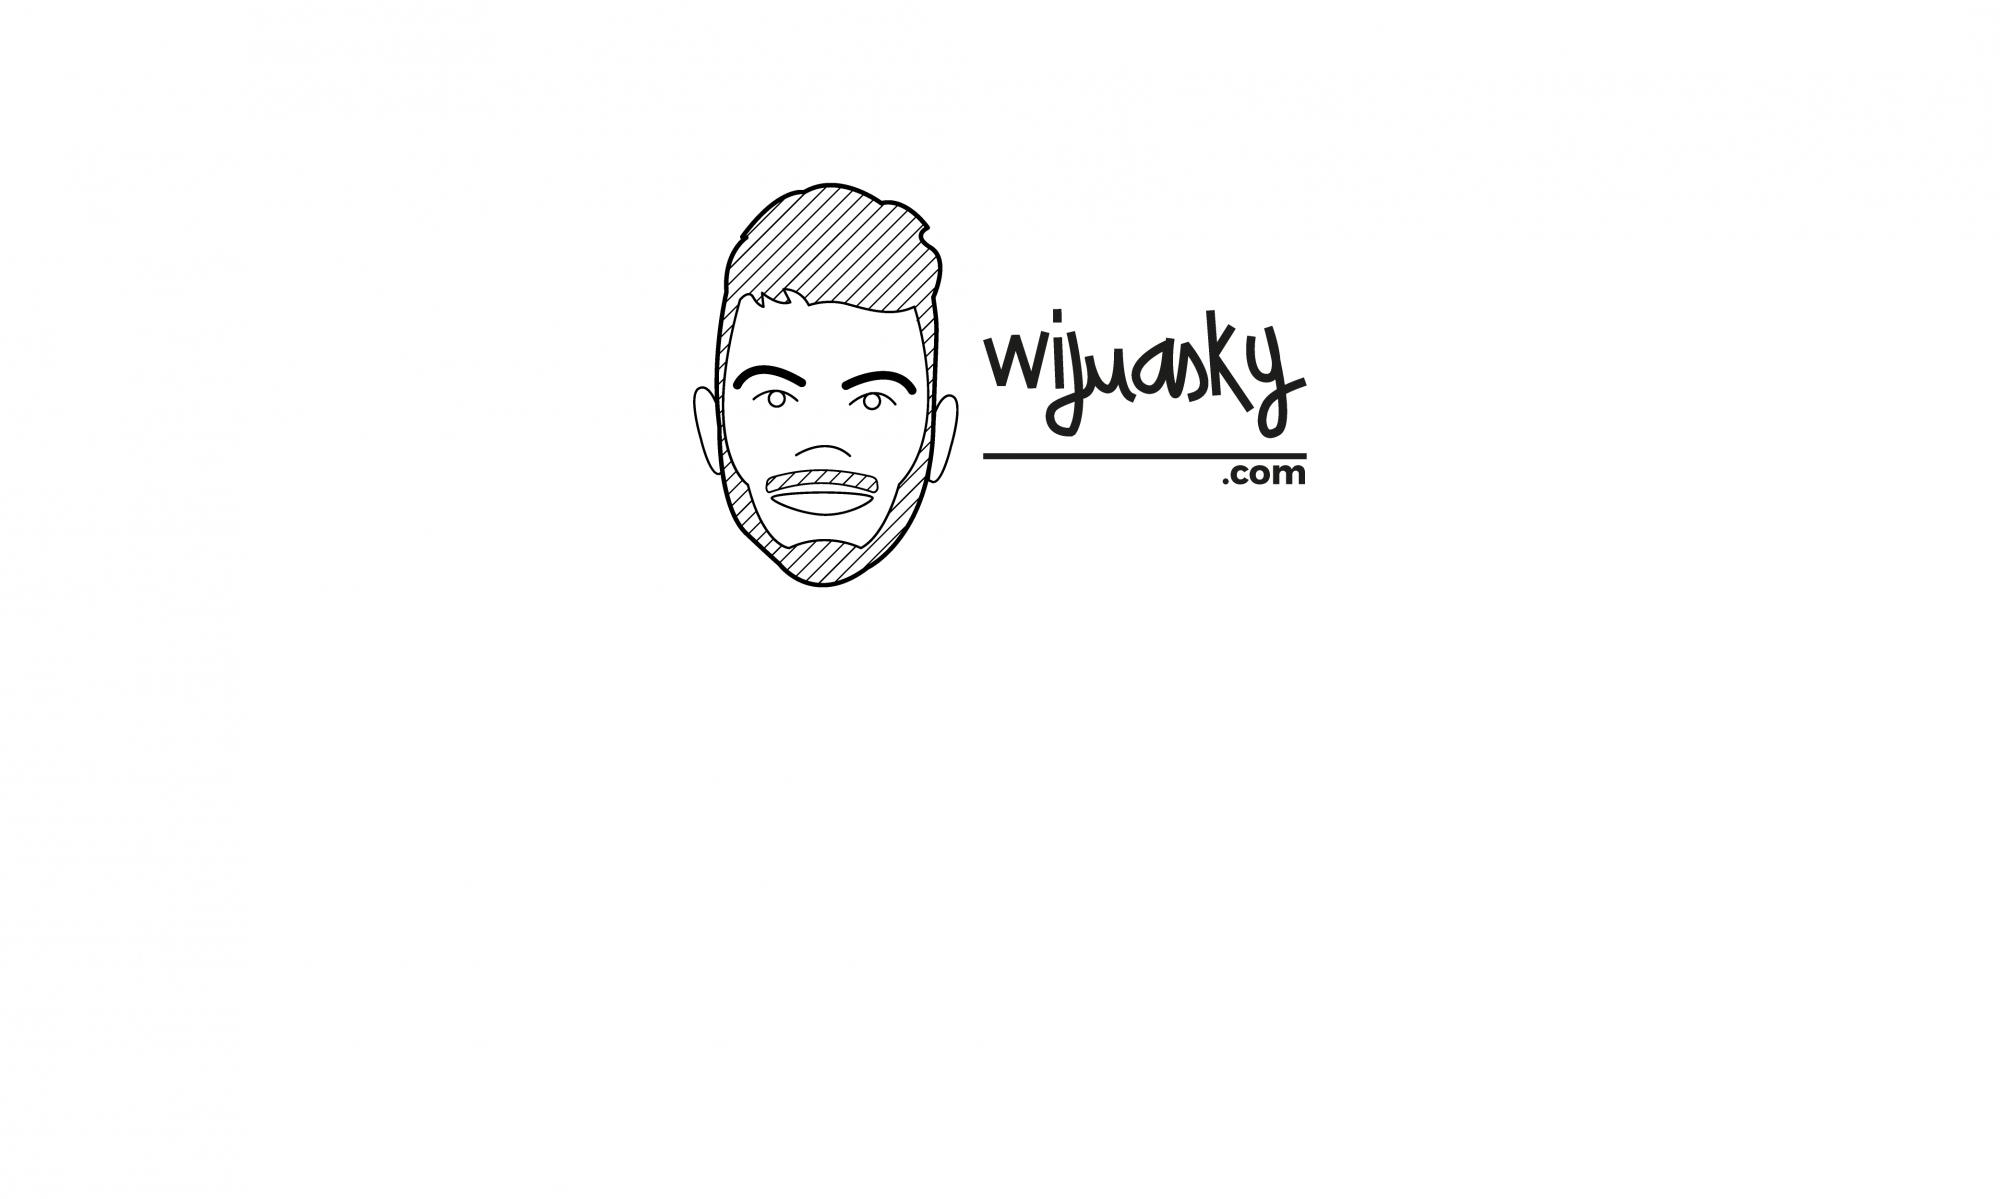 Wijuasky